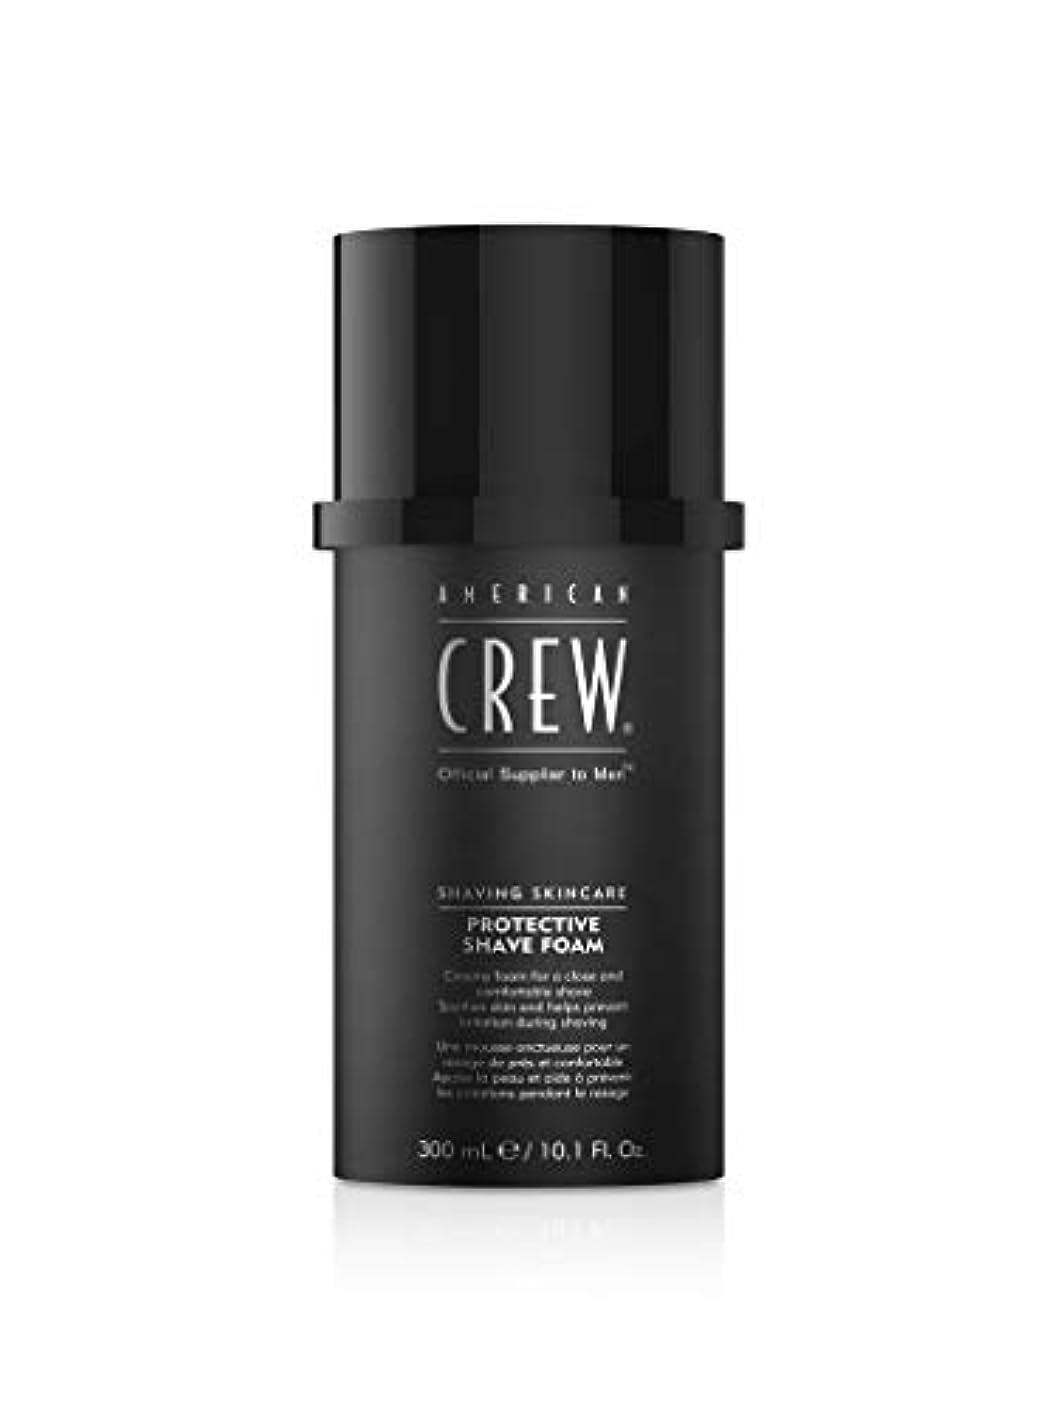 昇る弱い葬儀American Crew Protective Shave Foam 300ml